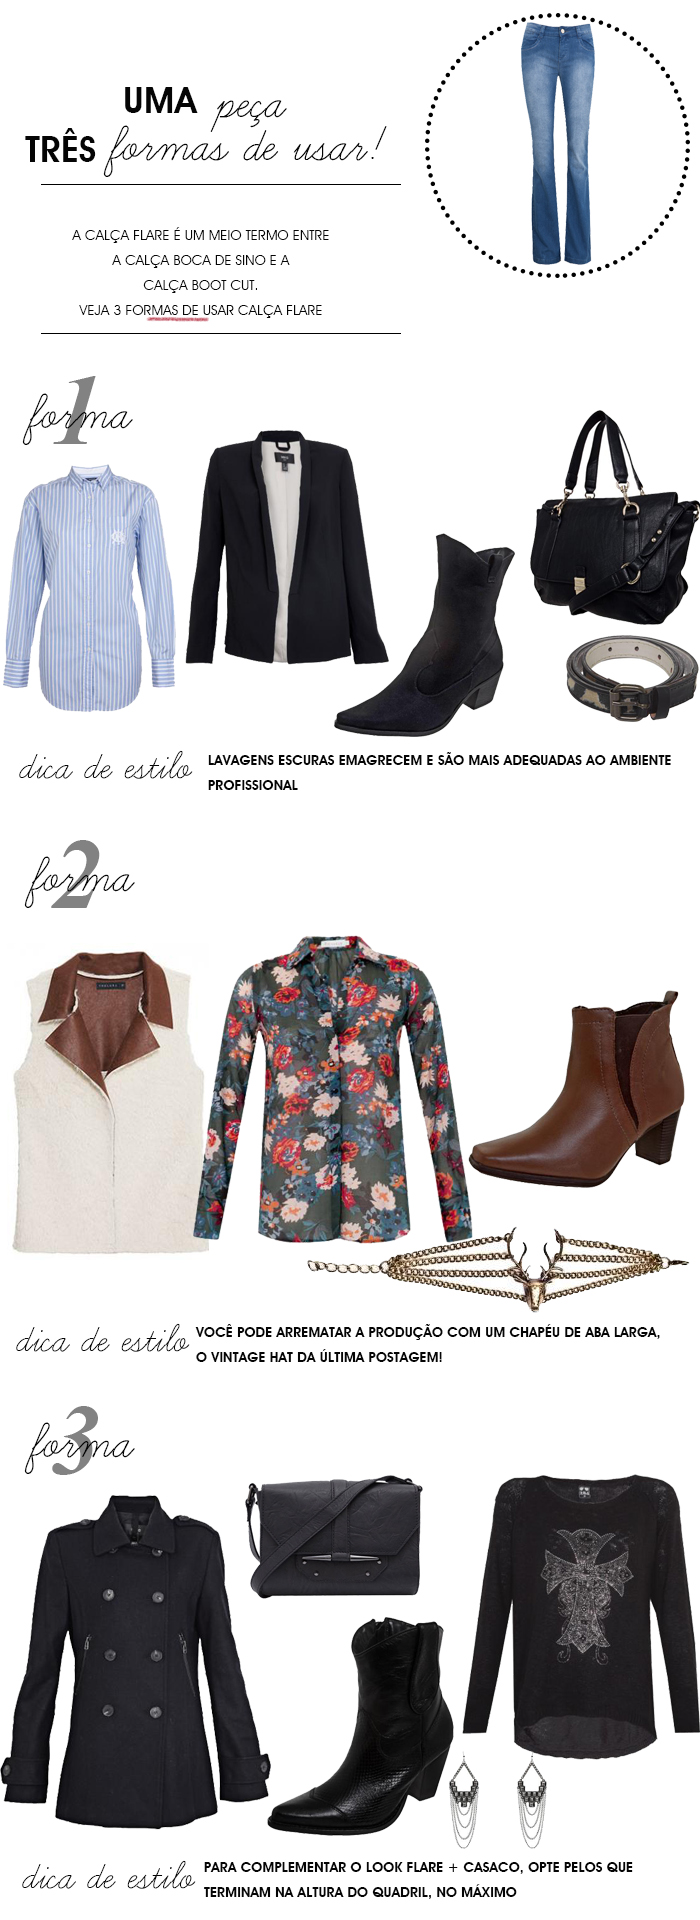 MeninaIT Deisi Remus Fashion blog três formas de usar calça flare